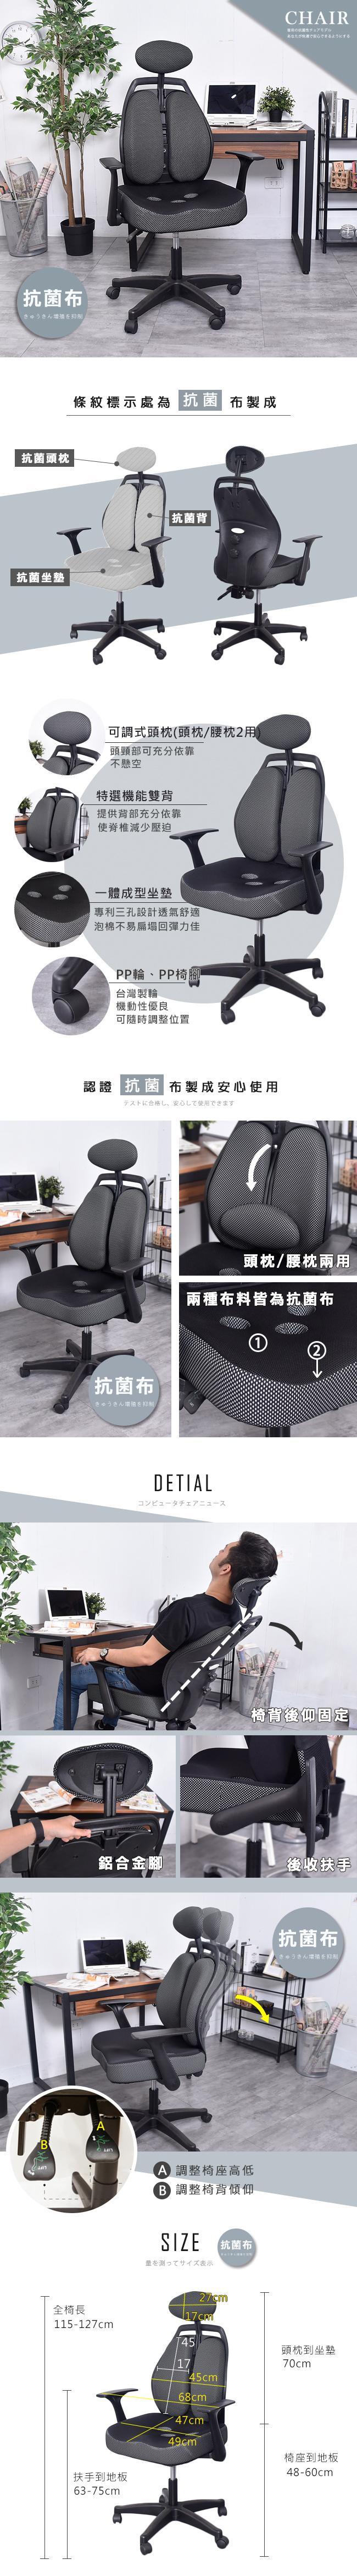 電腦椅推薦